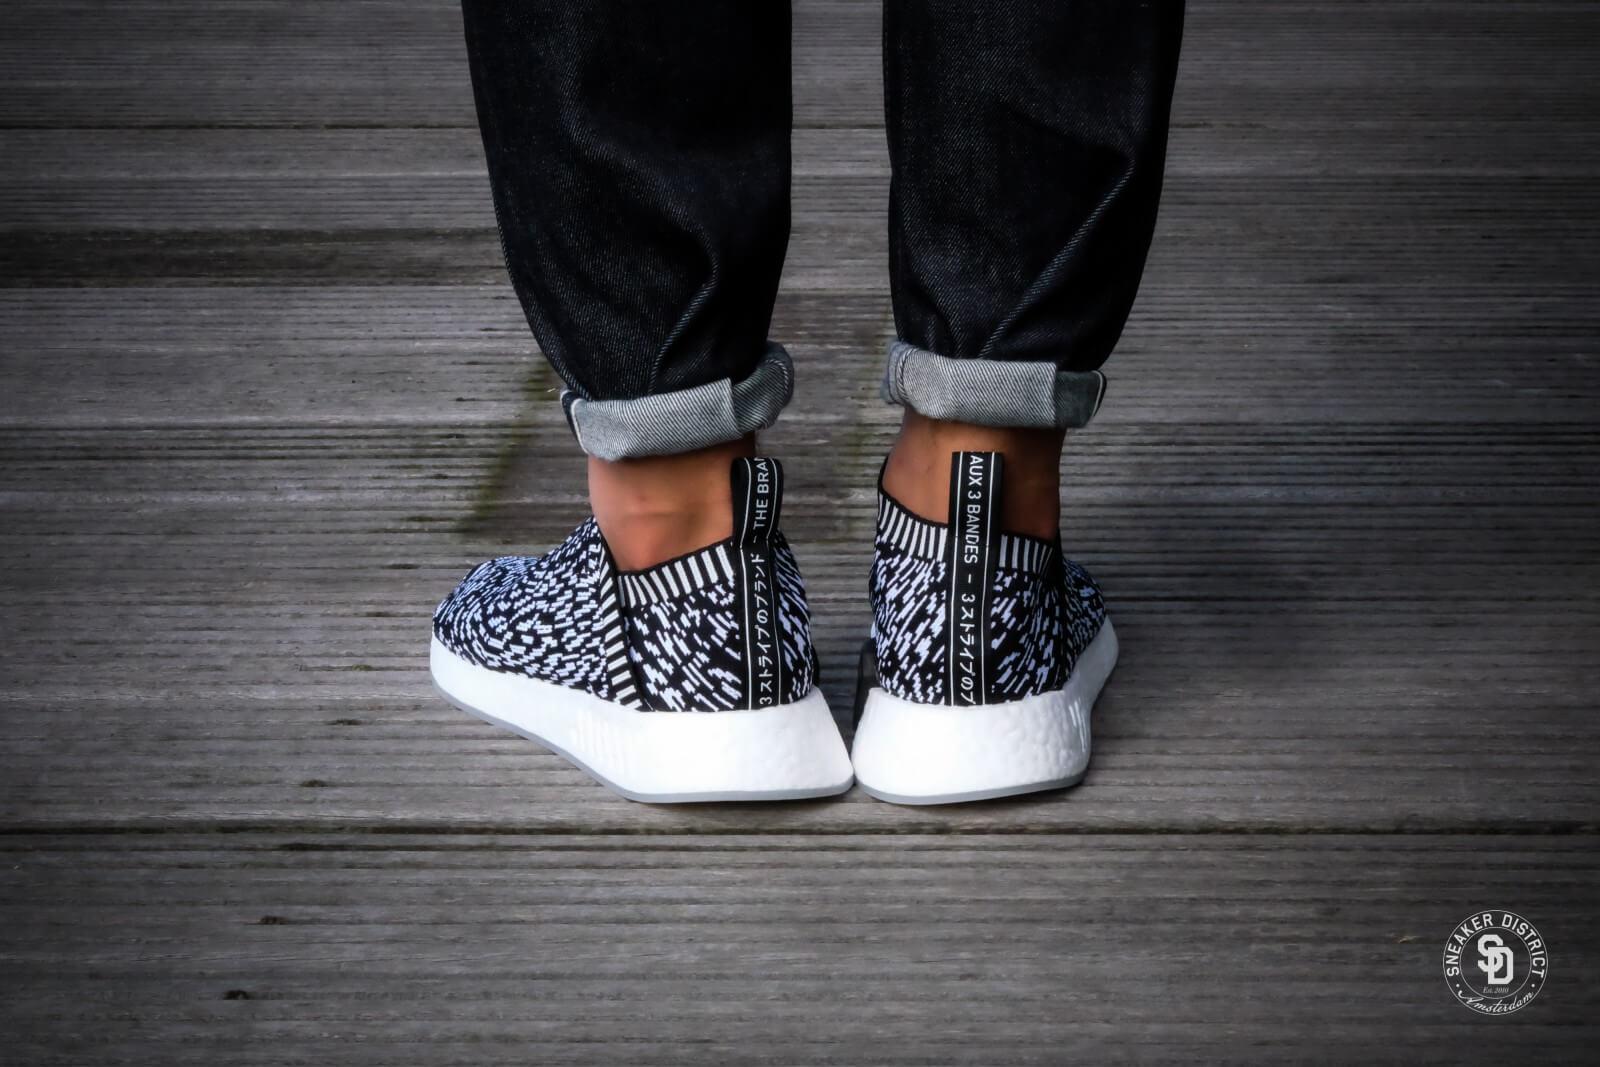 Adidas Nmd Sashiko Cs2 rVCICU